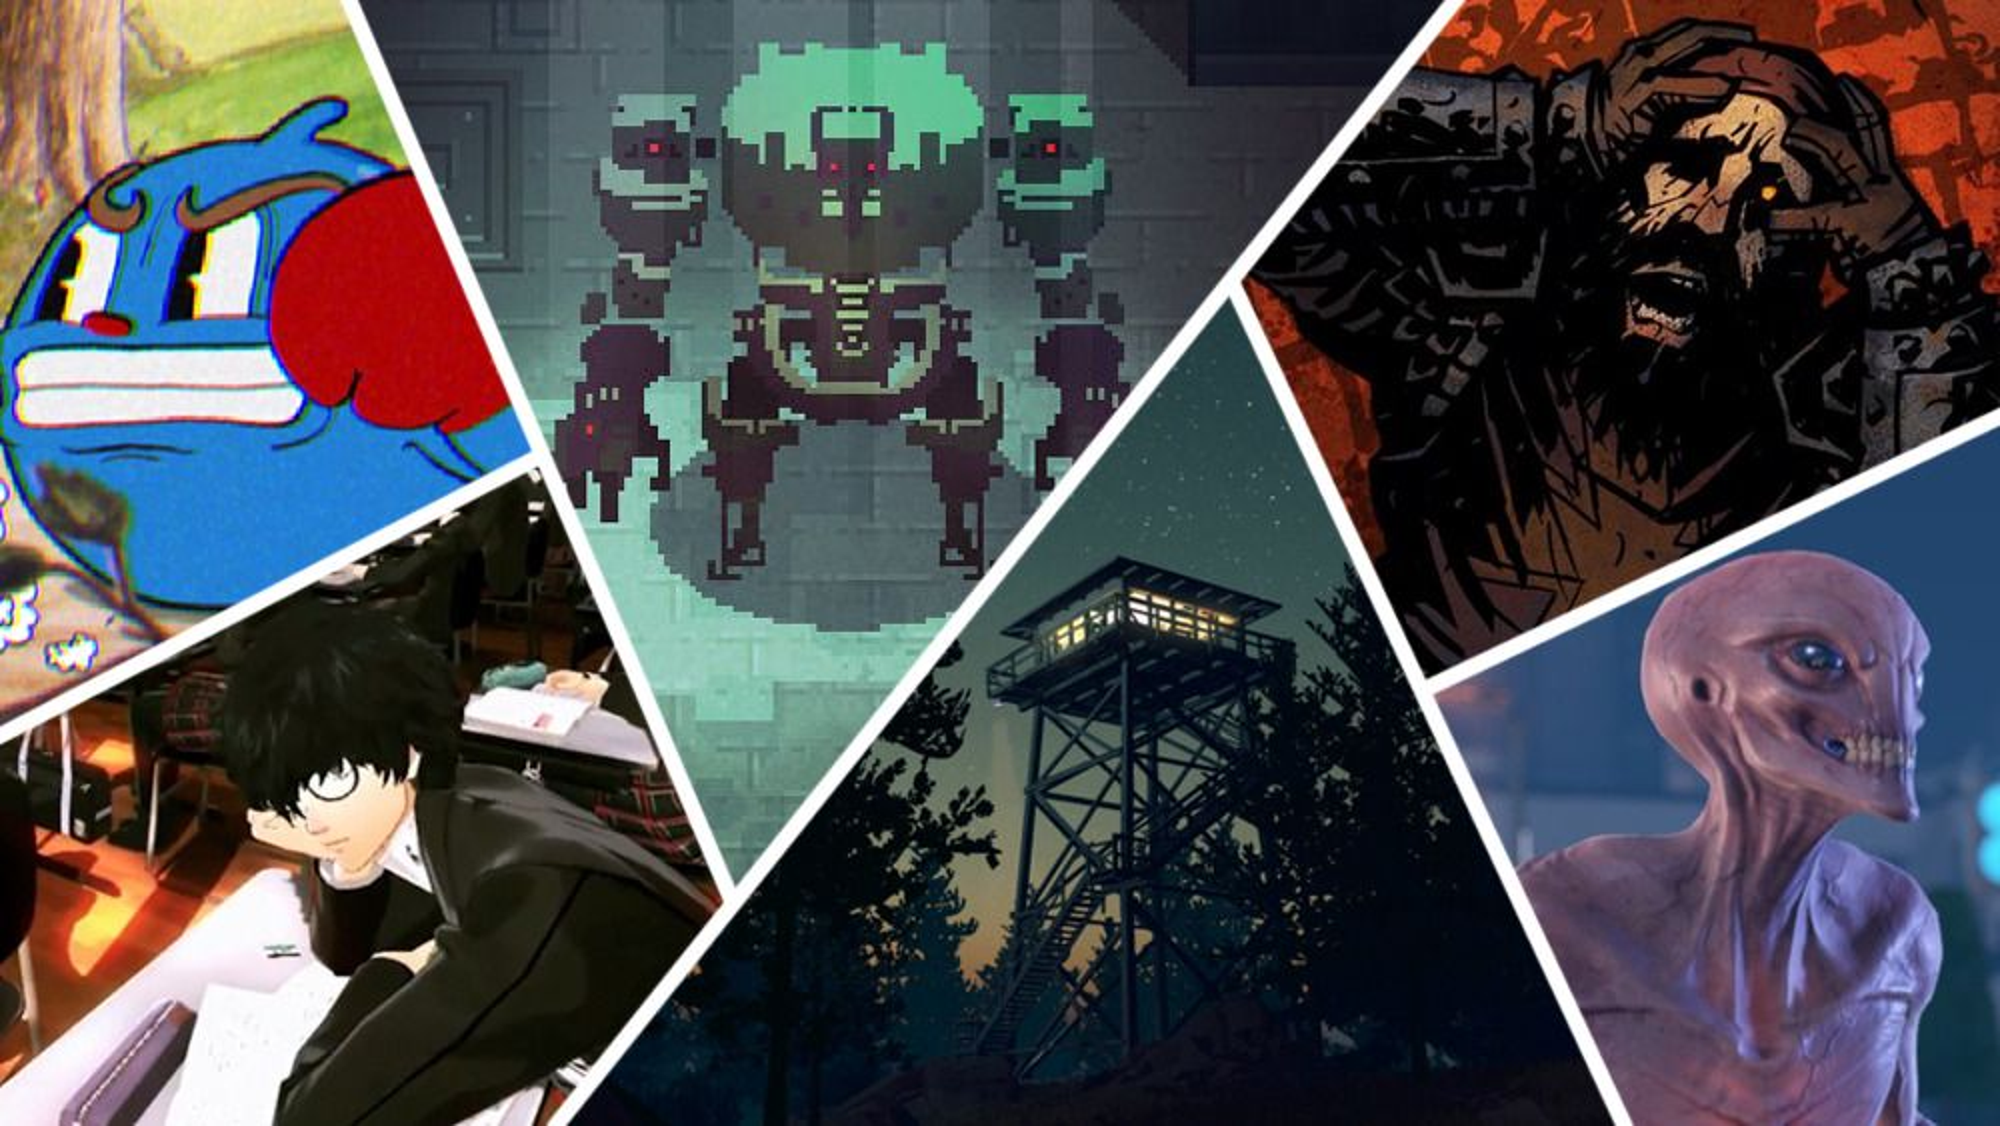 FEATURE: Ti spill jeg gleder meg til i 2016